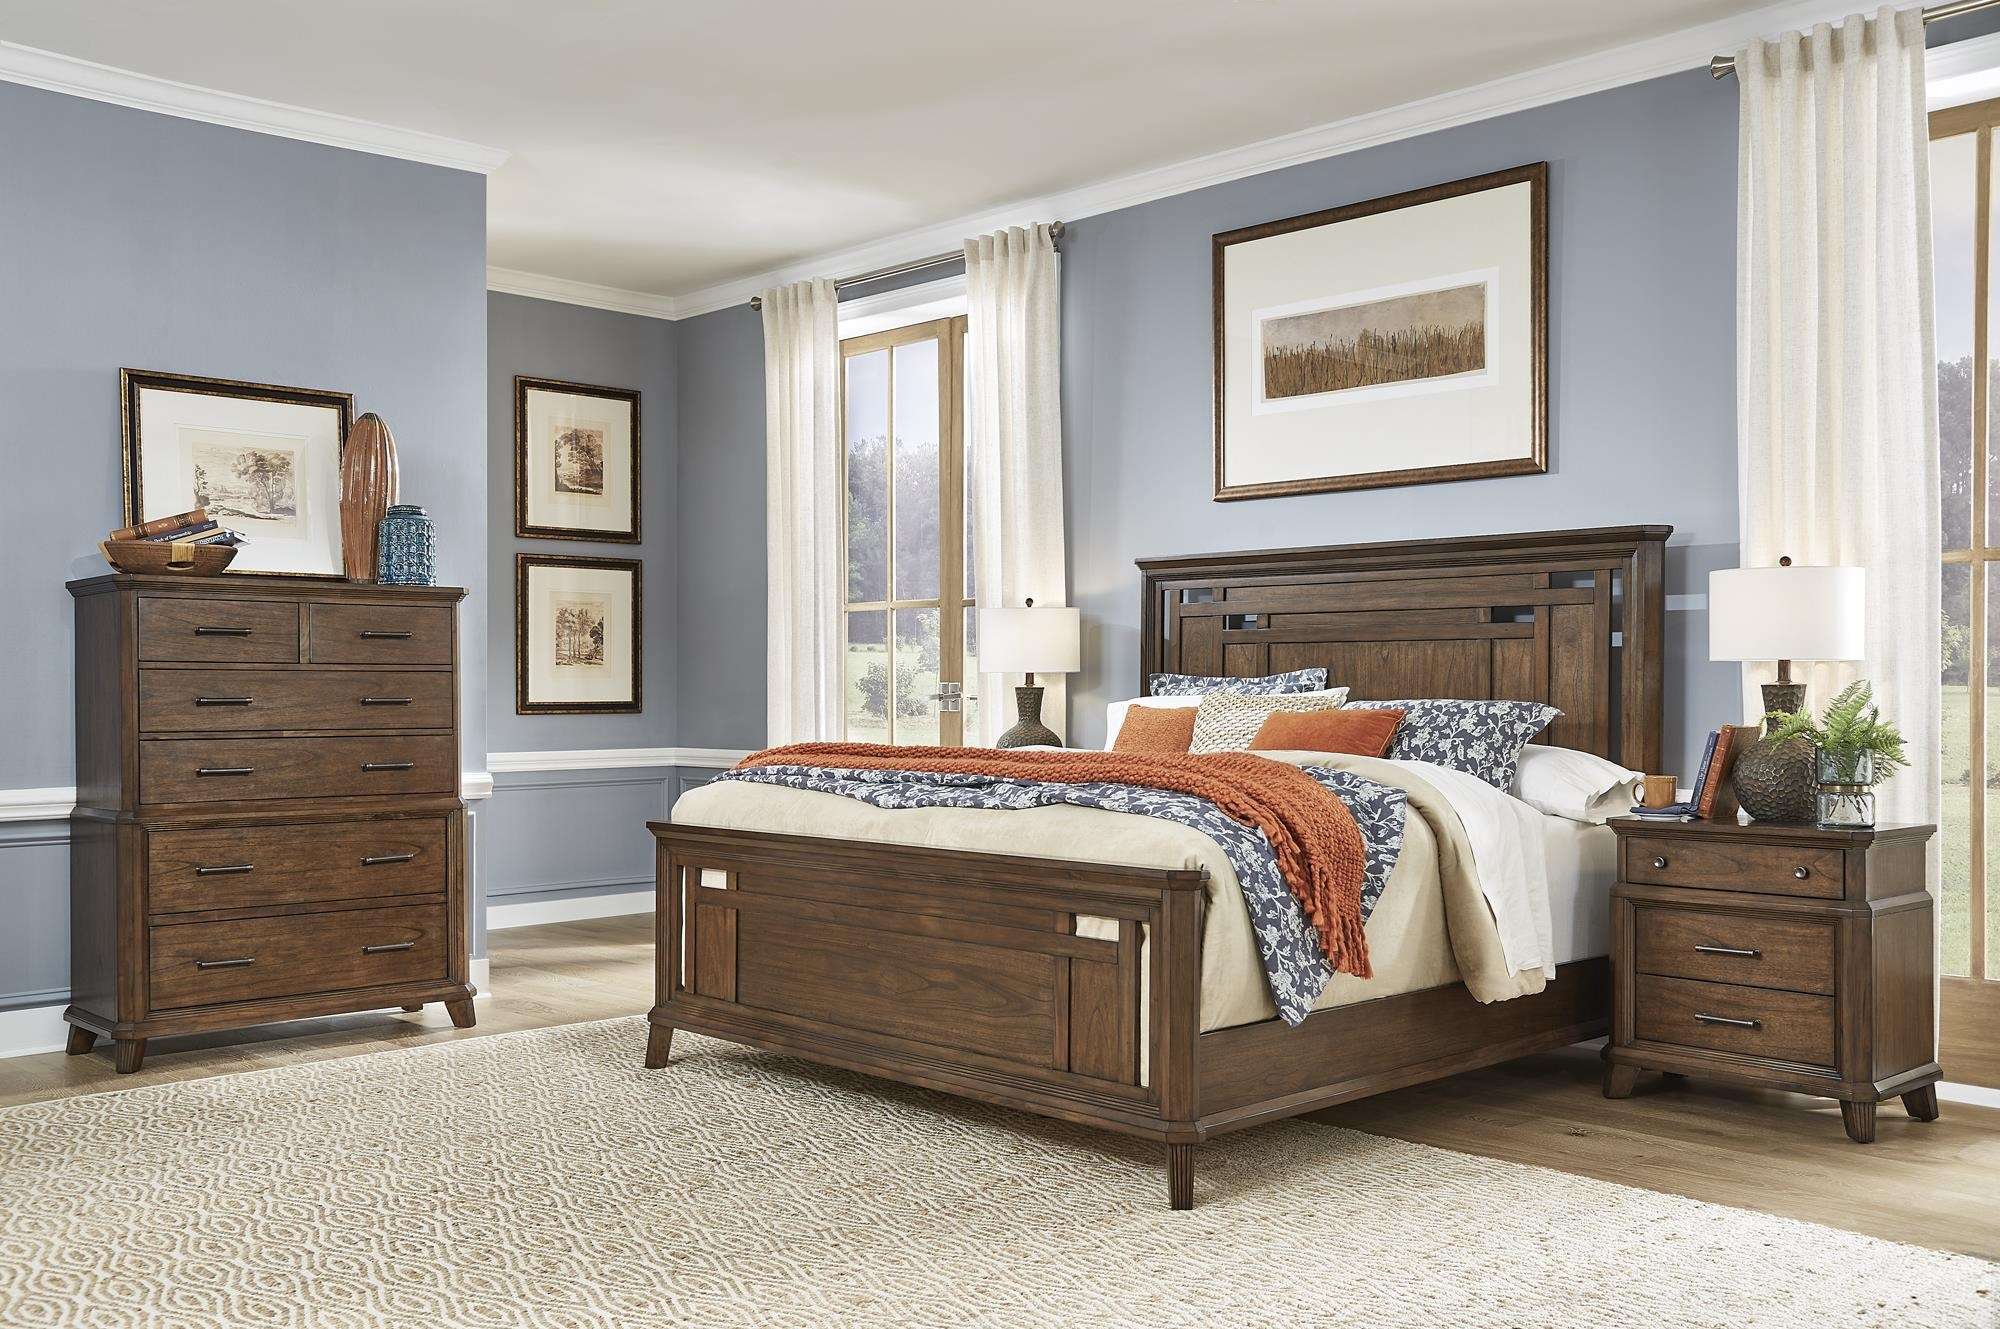 5 Piece Queen Bedroom Set